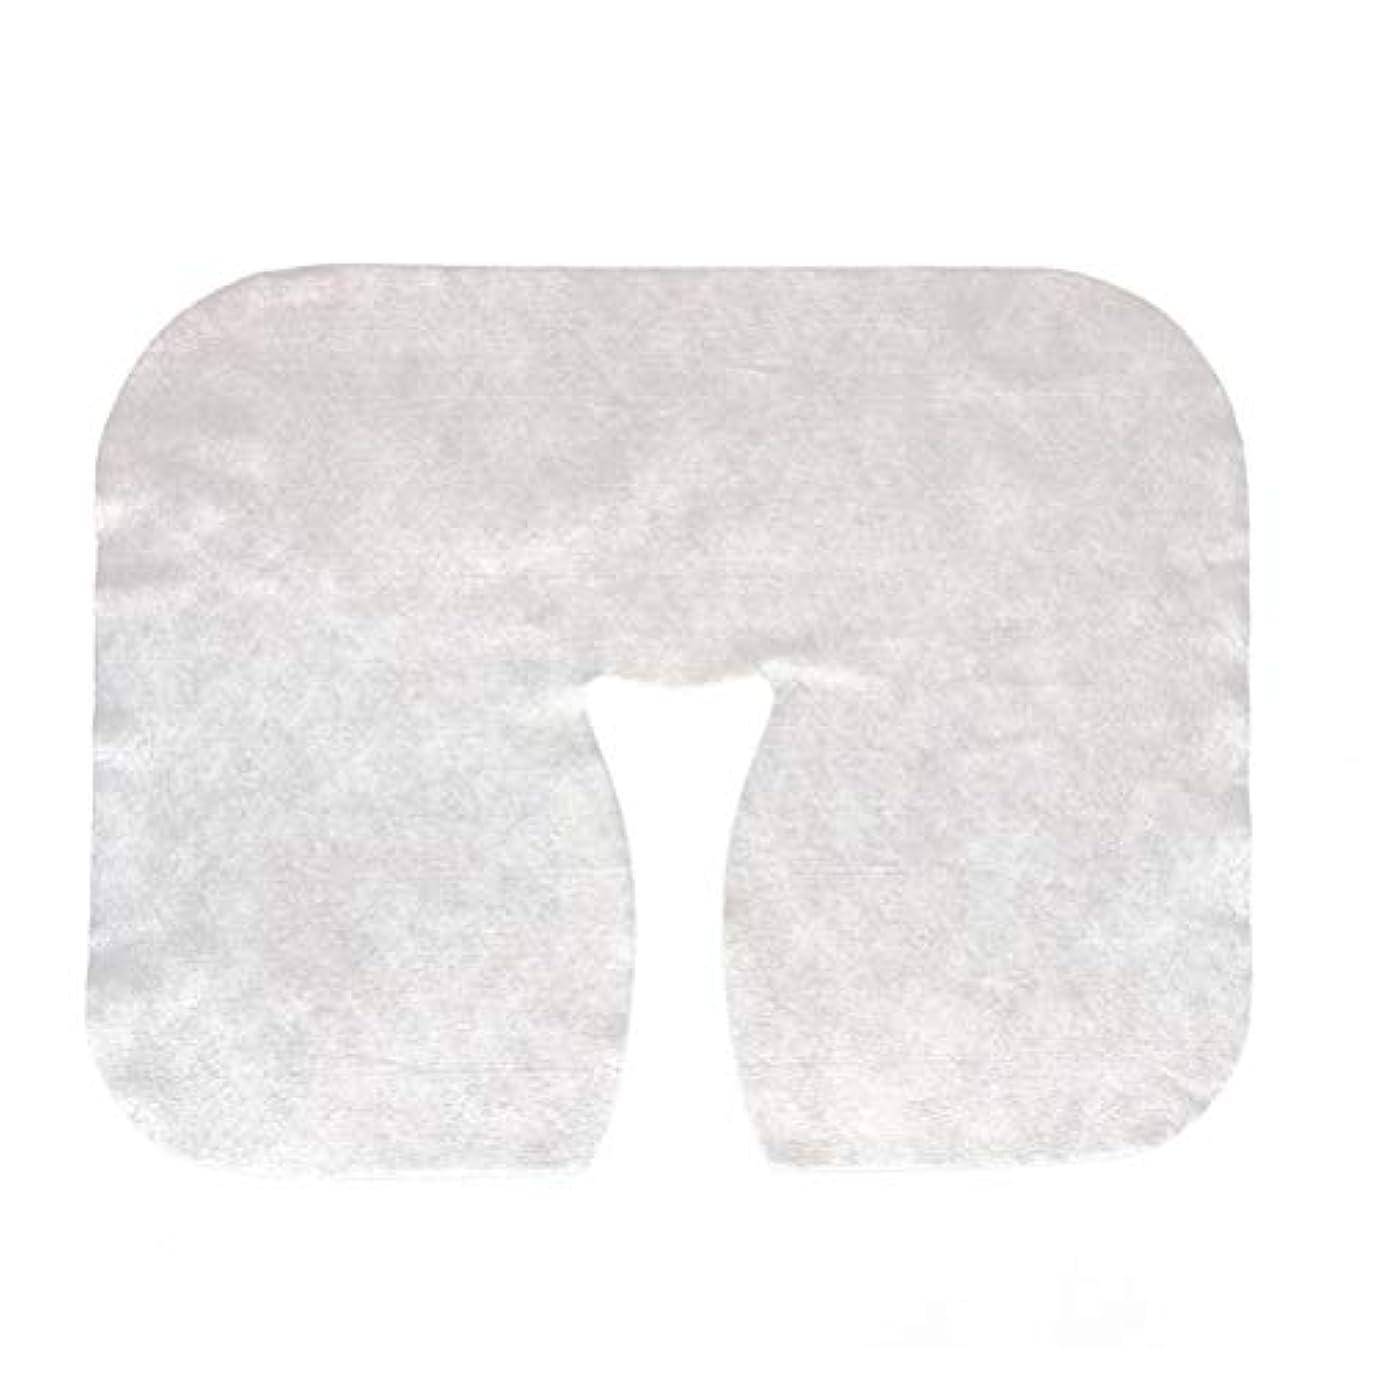 ほこり交流するタンクLurrose 200枚 使い捨て マッサージ フェイスクレードル カバー フェイスマッサージヘッドレストカバースパ美容サロンマッサージ用マット(ホワイト)